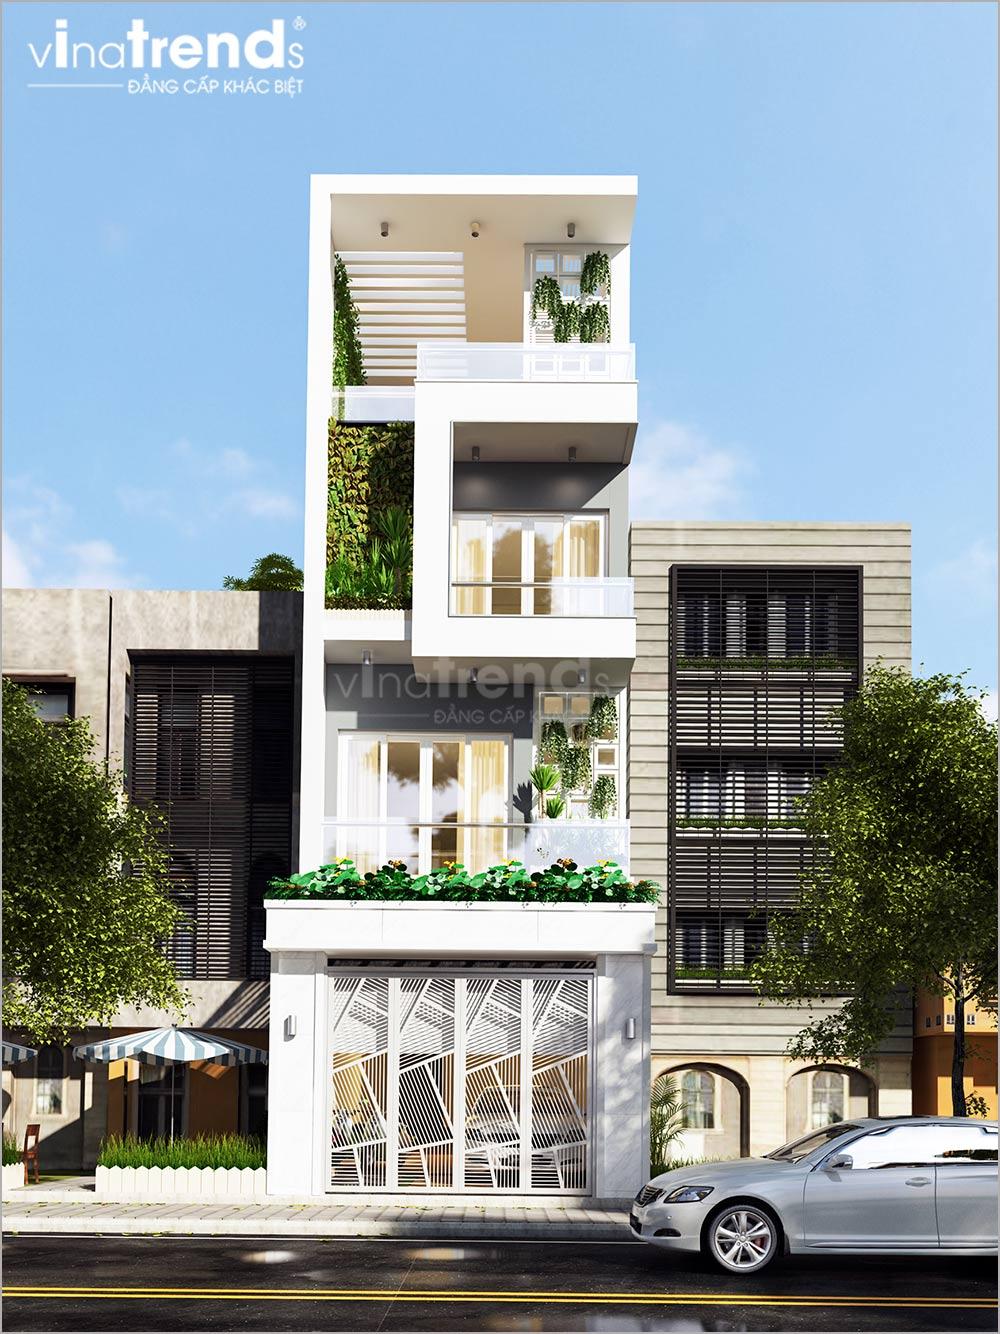 mau nha ong mat tien 5m 4 tang hien dai dep nhat 2 Mẫu nhà phố mặt tiền 5m 4 tầng hiện đại đẳng cấp Việt anh Phương Bình Chánh